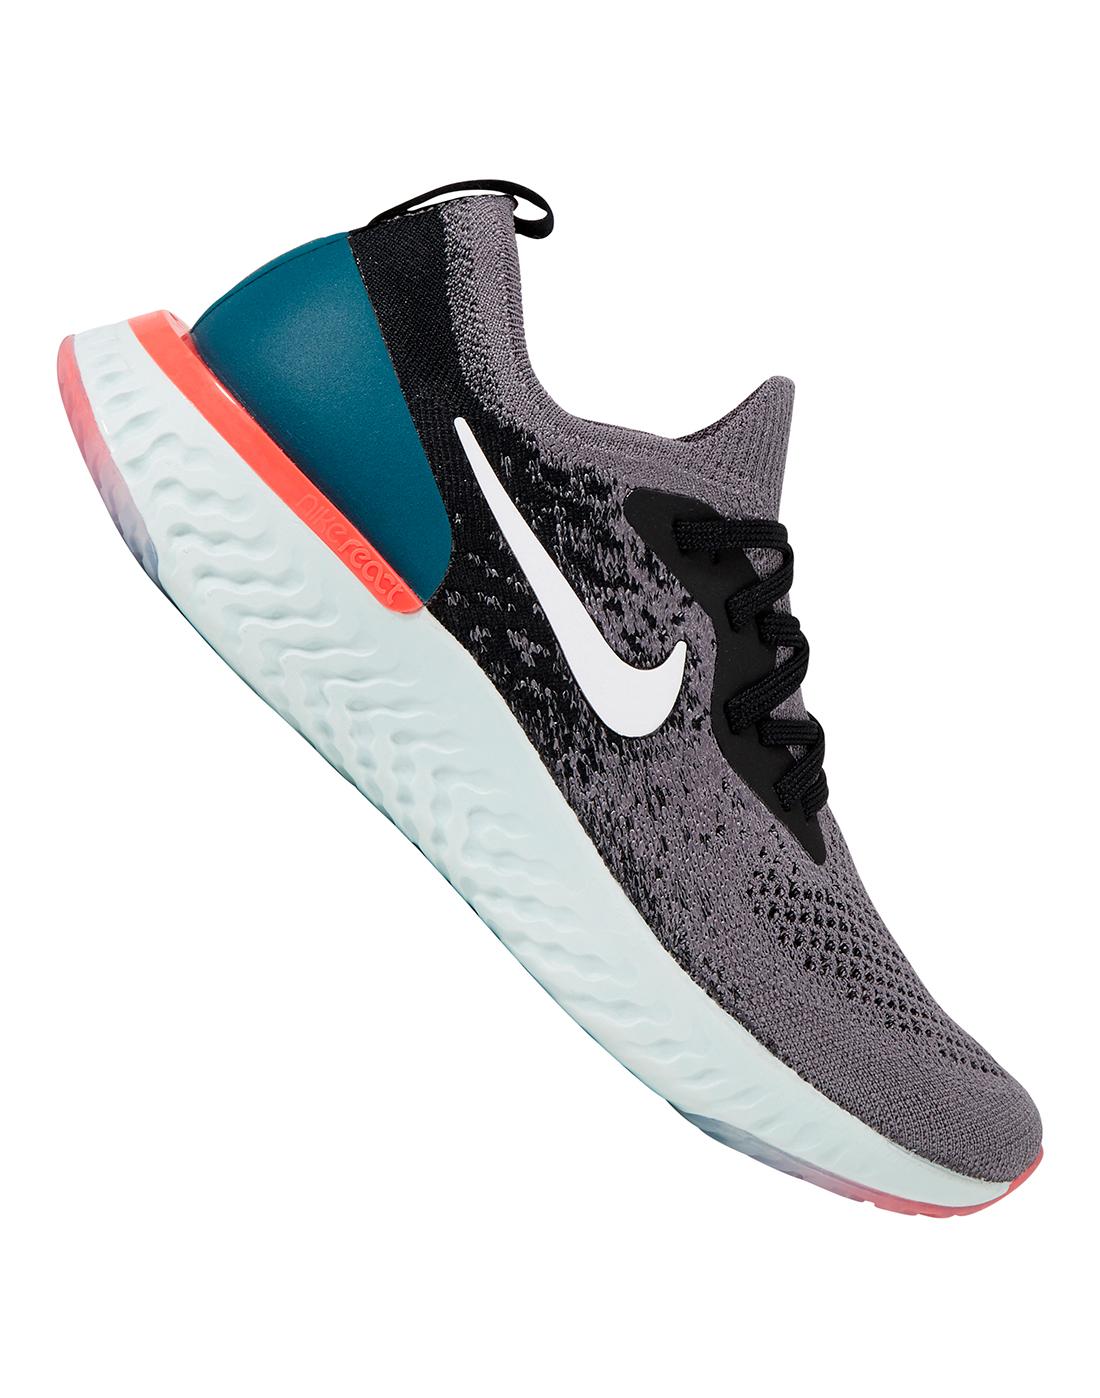 5d45ed16ee8 Nike Older Kids Epic React Flyknit